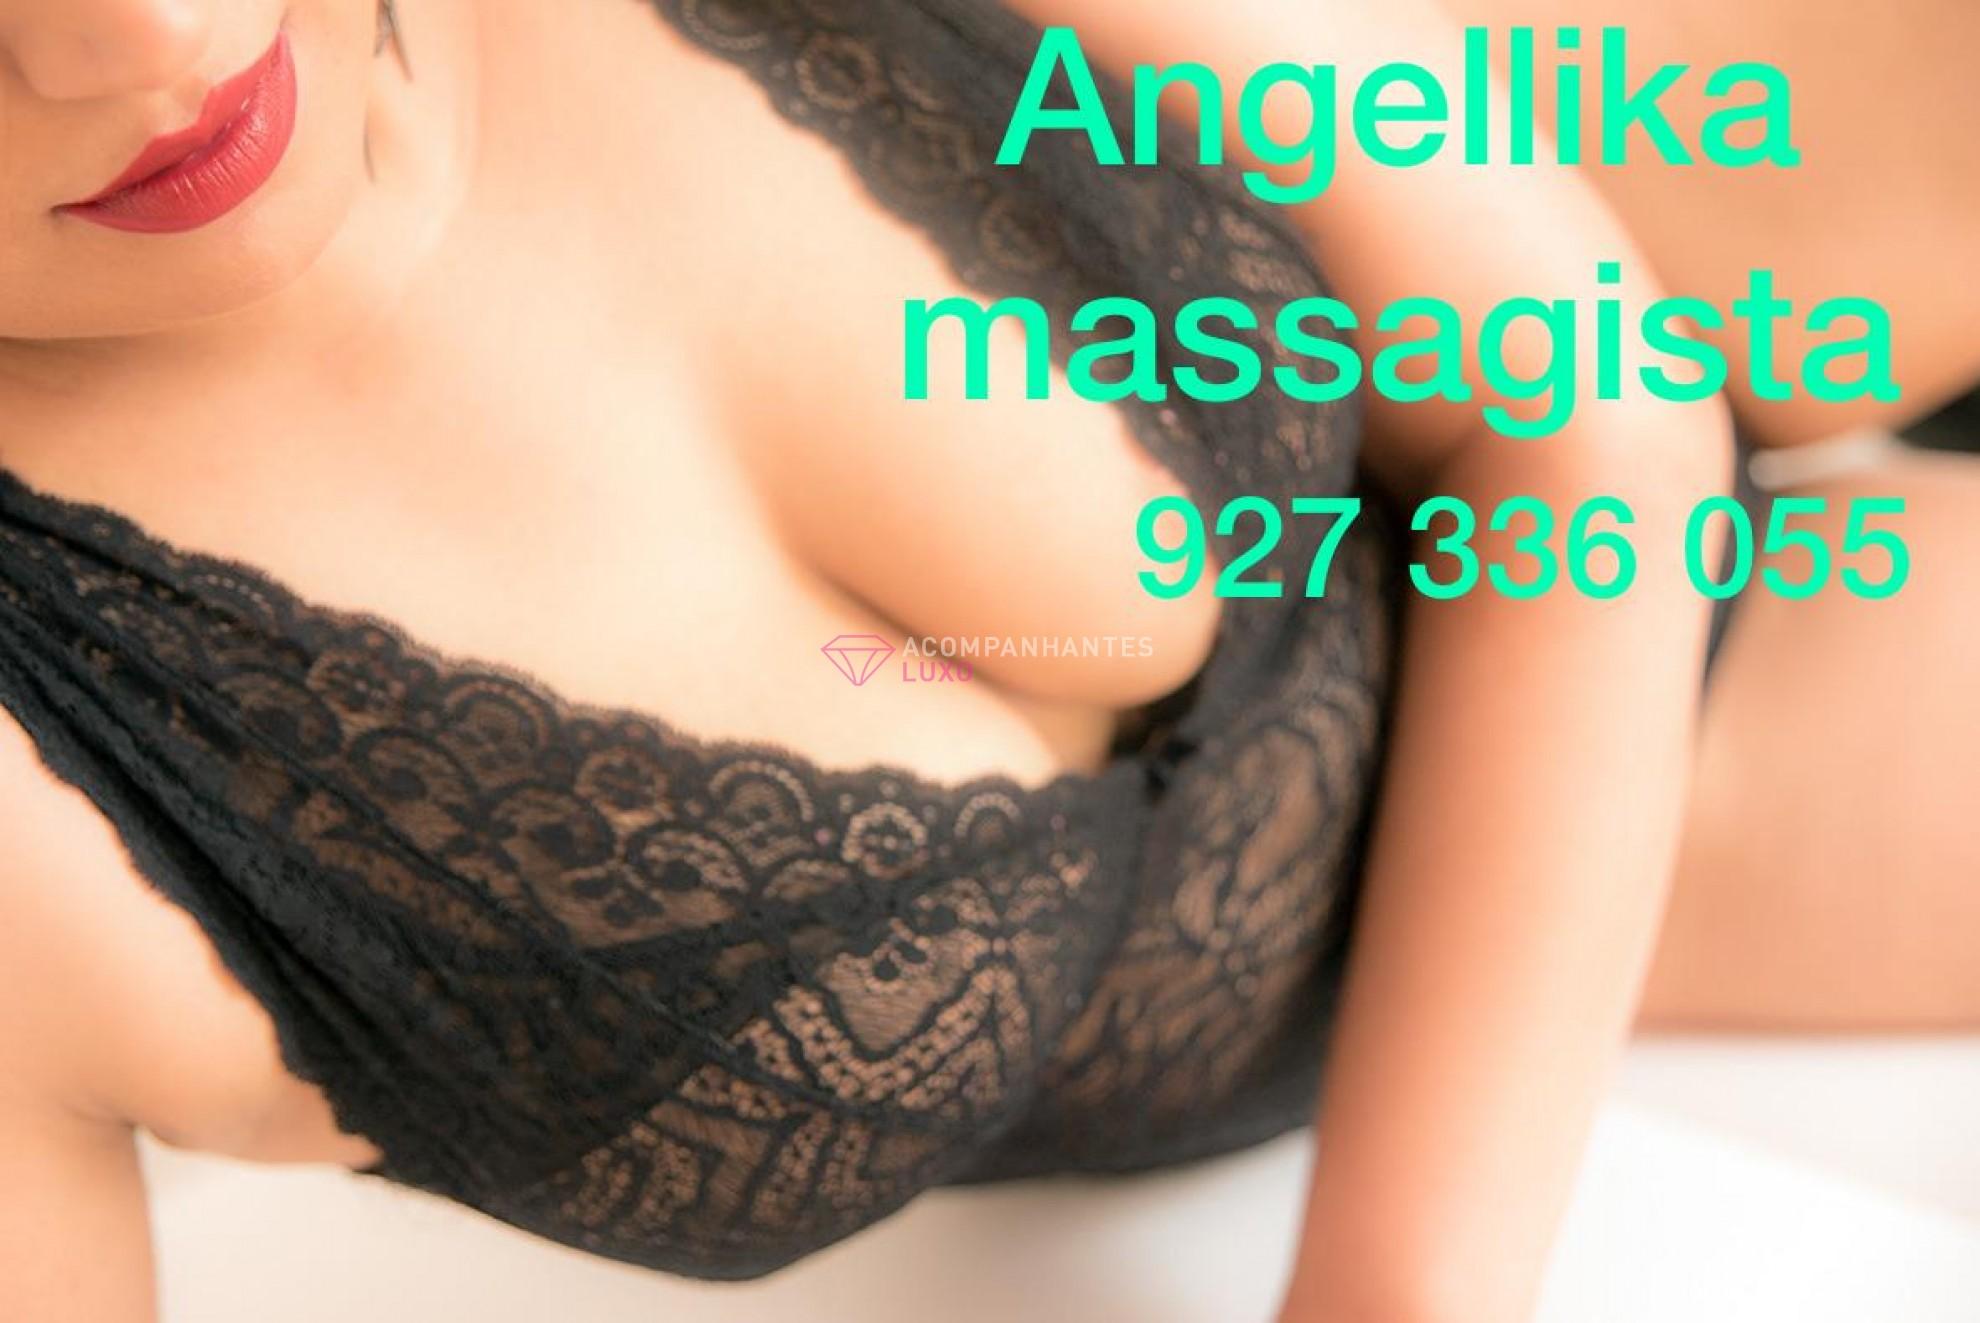 Angellika massagista